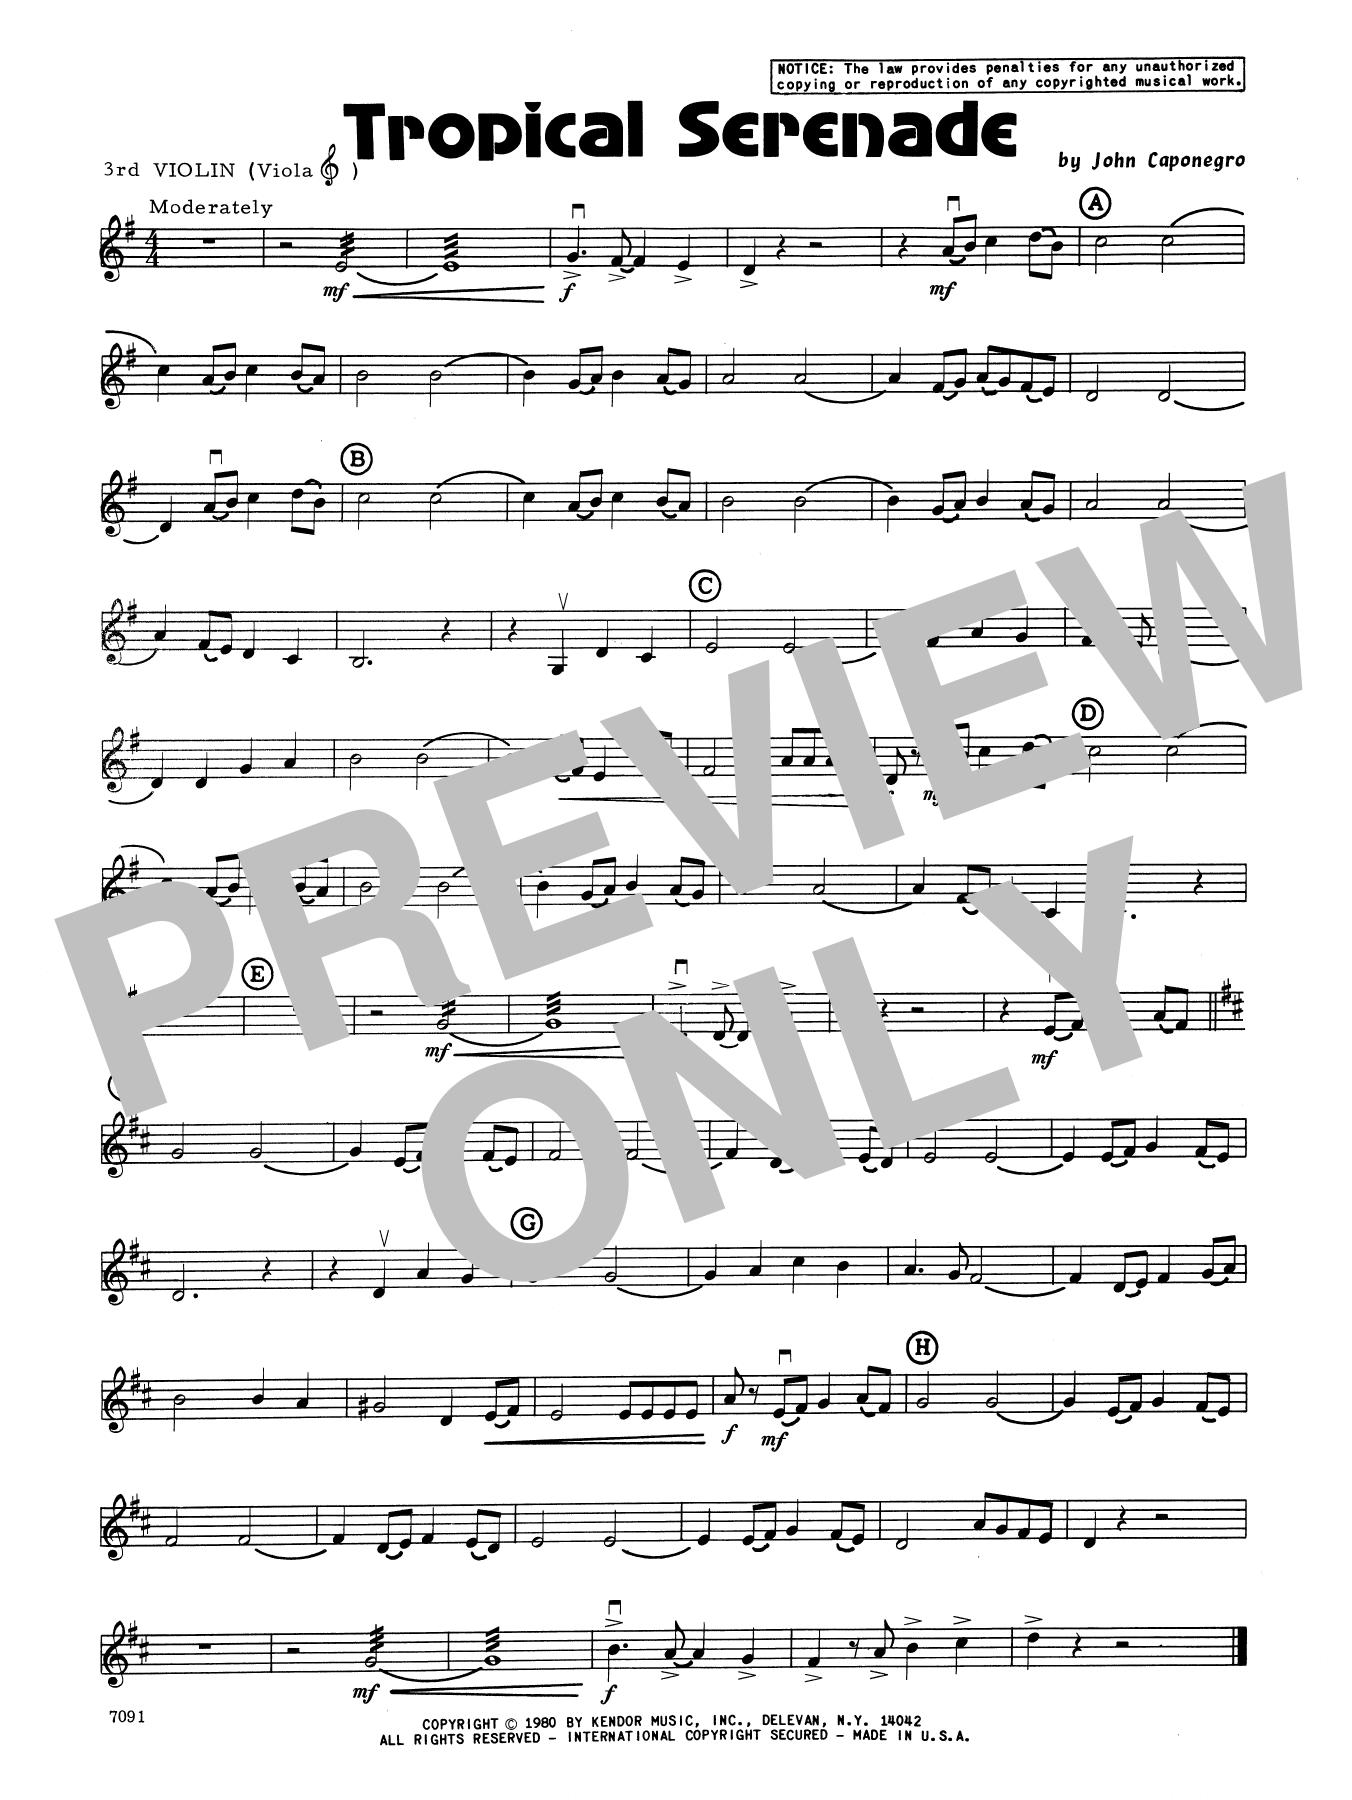 John Caponegro Tropical Serenade - 3rd Violin sheet music notes and chords. Download Printable PDF.